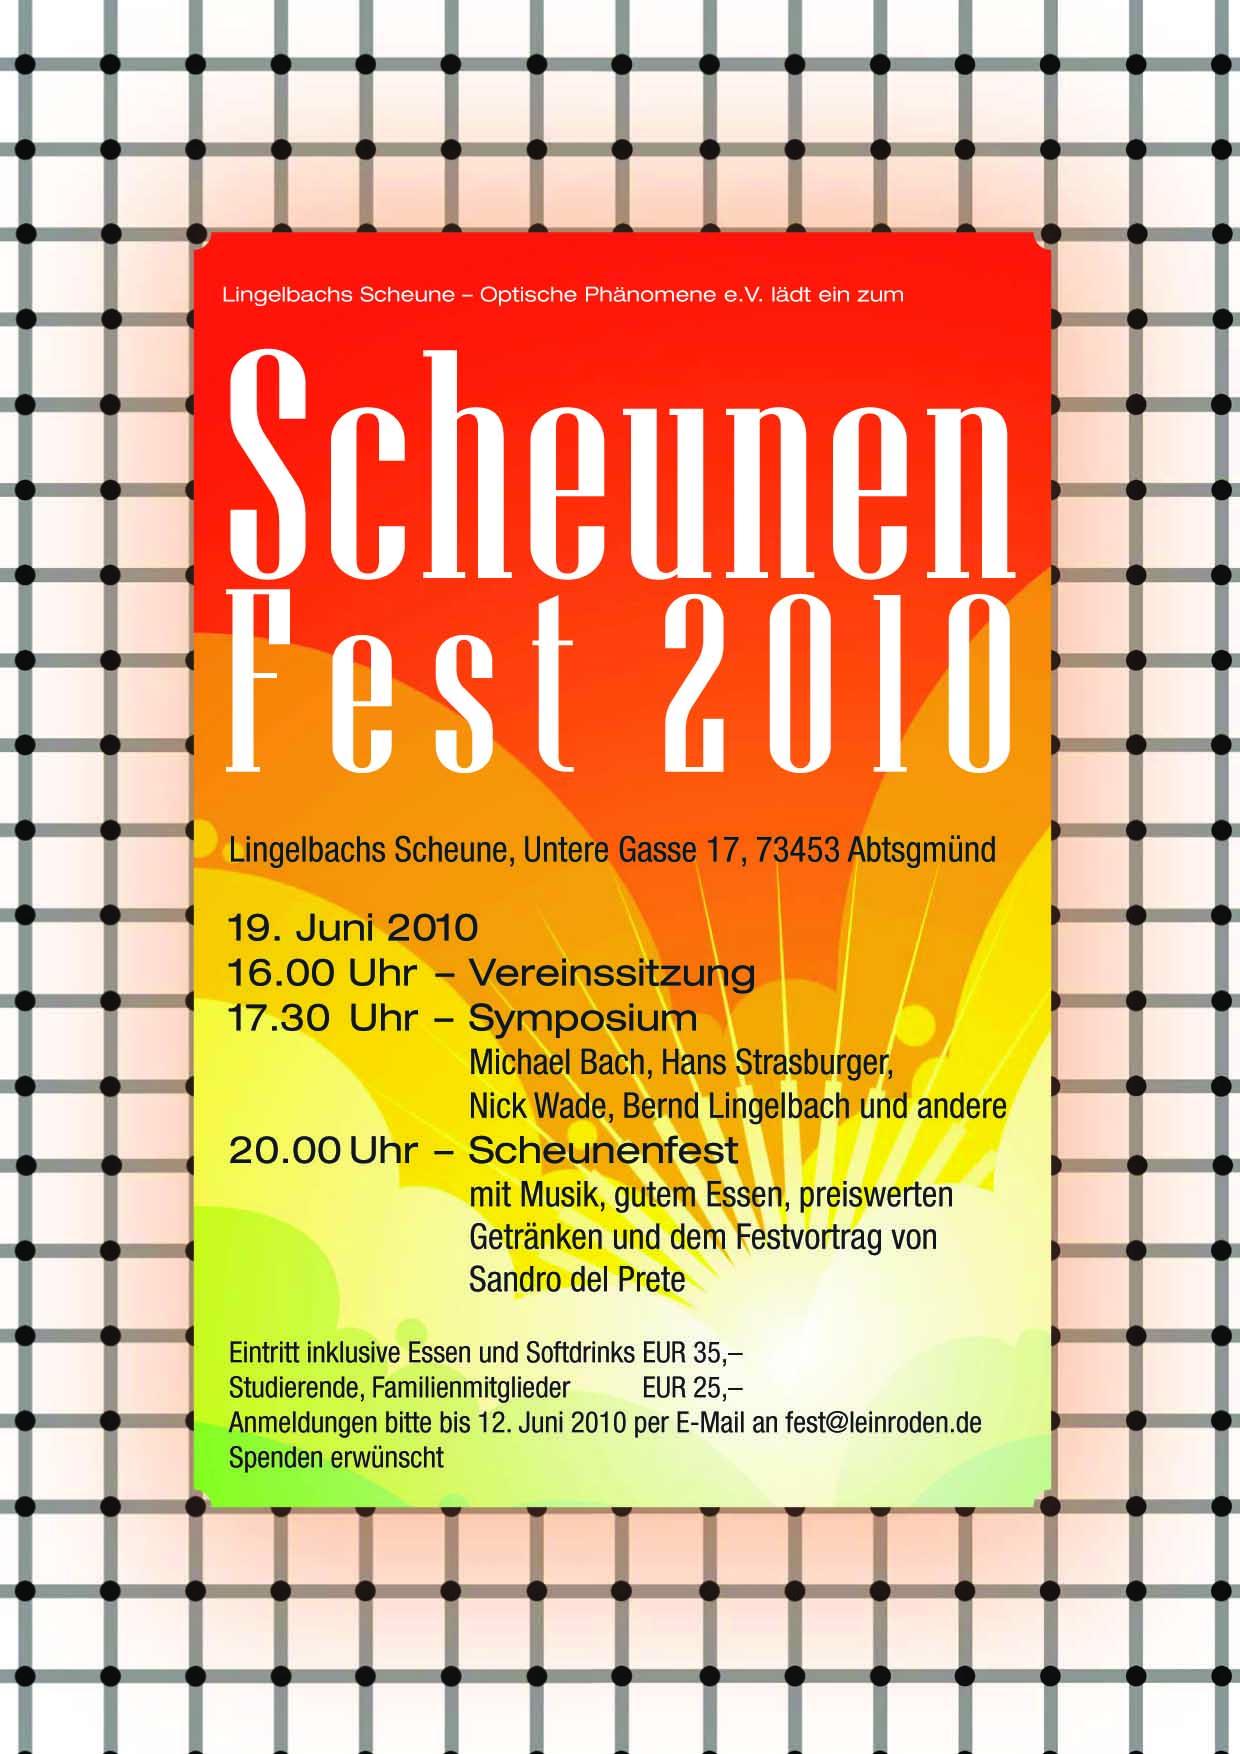 Das Scheunen-Fest 2010